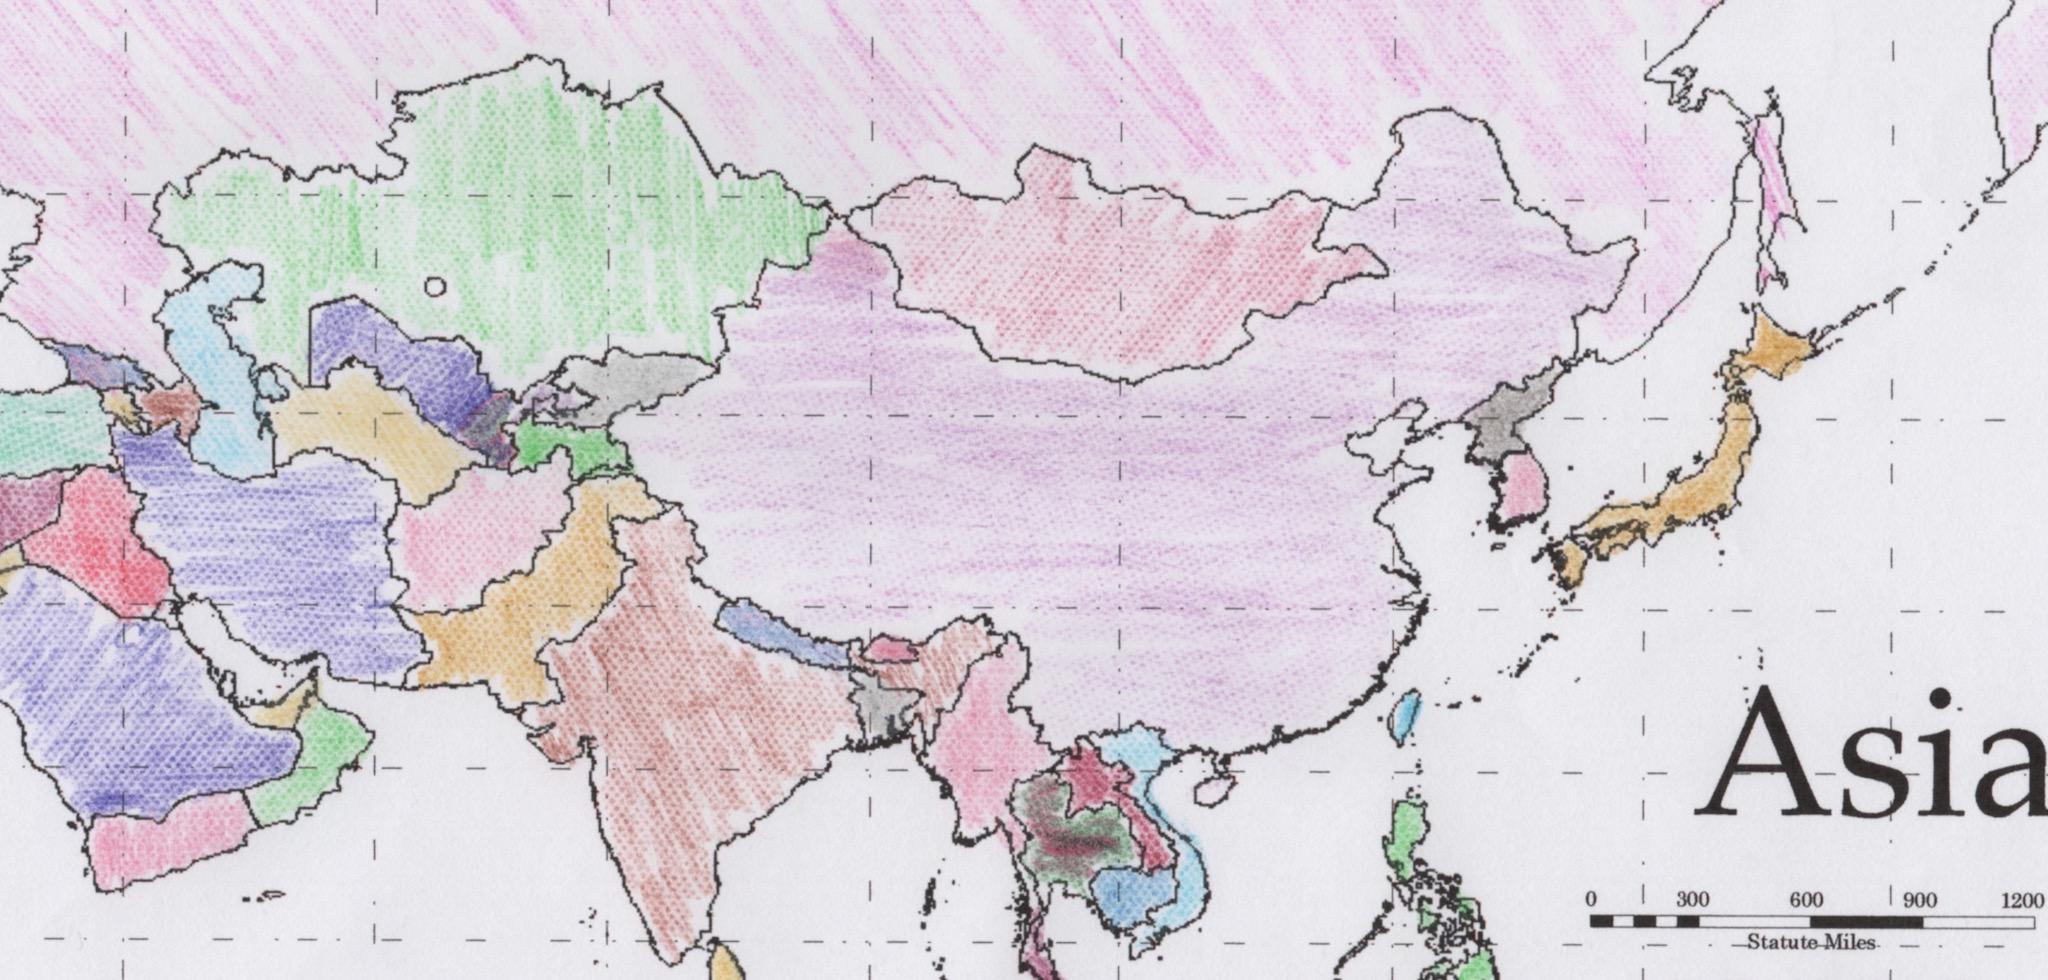 Jigsawgeo Asia